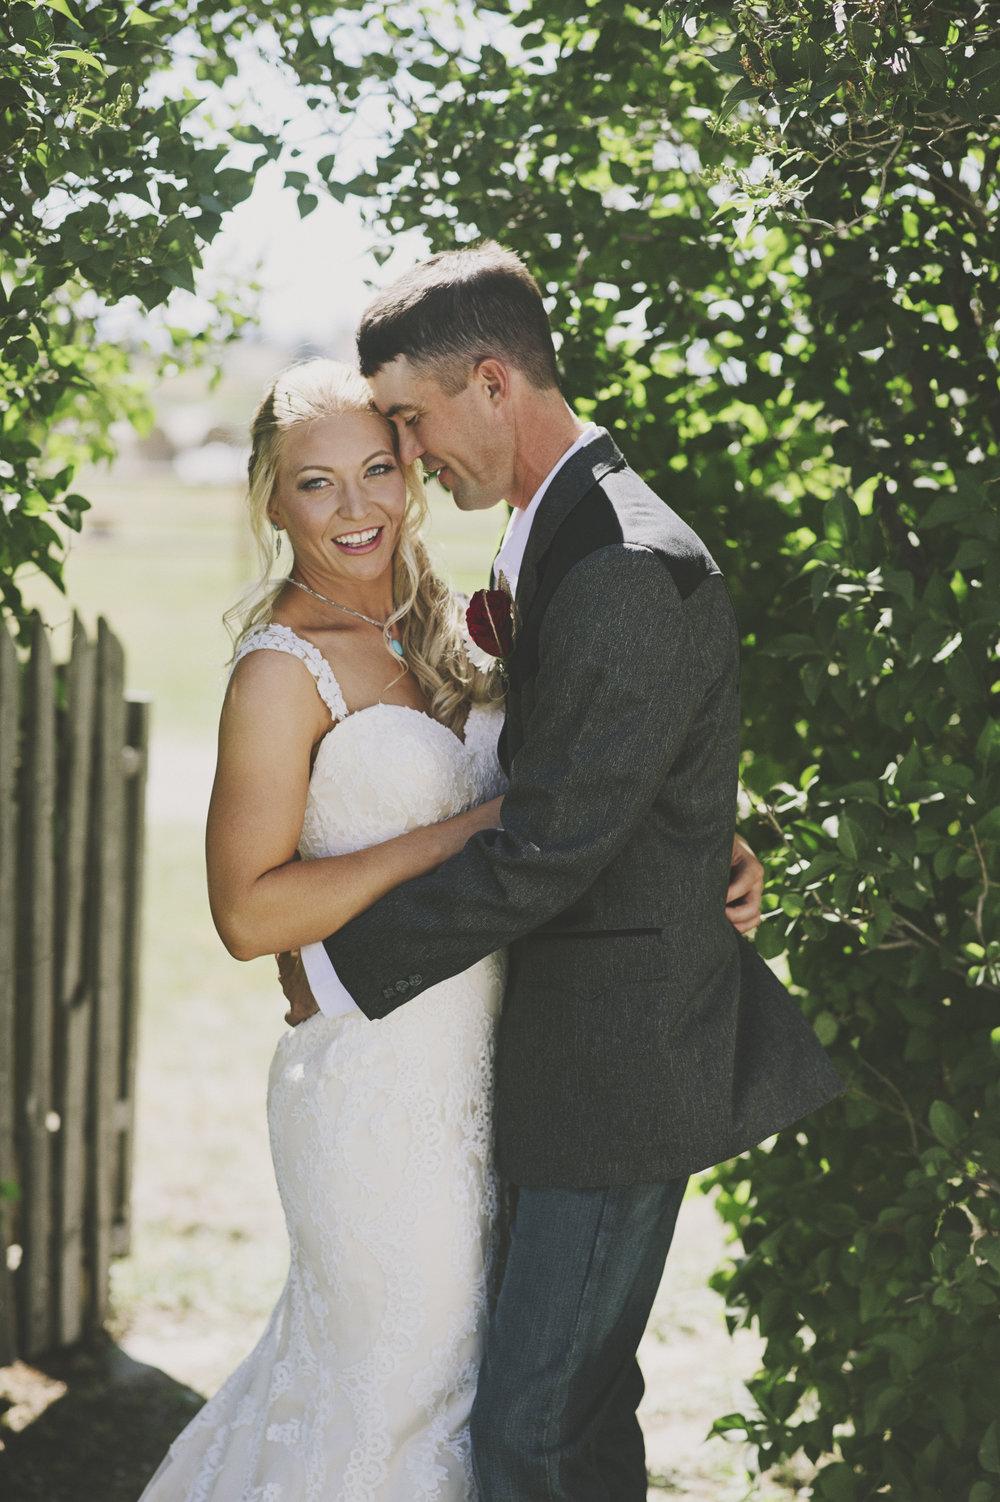 Erica Lind + Jeff Heim Wedding_Rustic Wedding_Montana Wedding_Kelsey Lane Photography-3877-2 copy.jpg